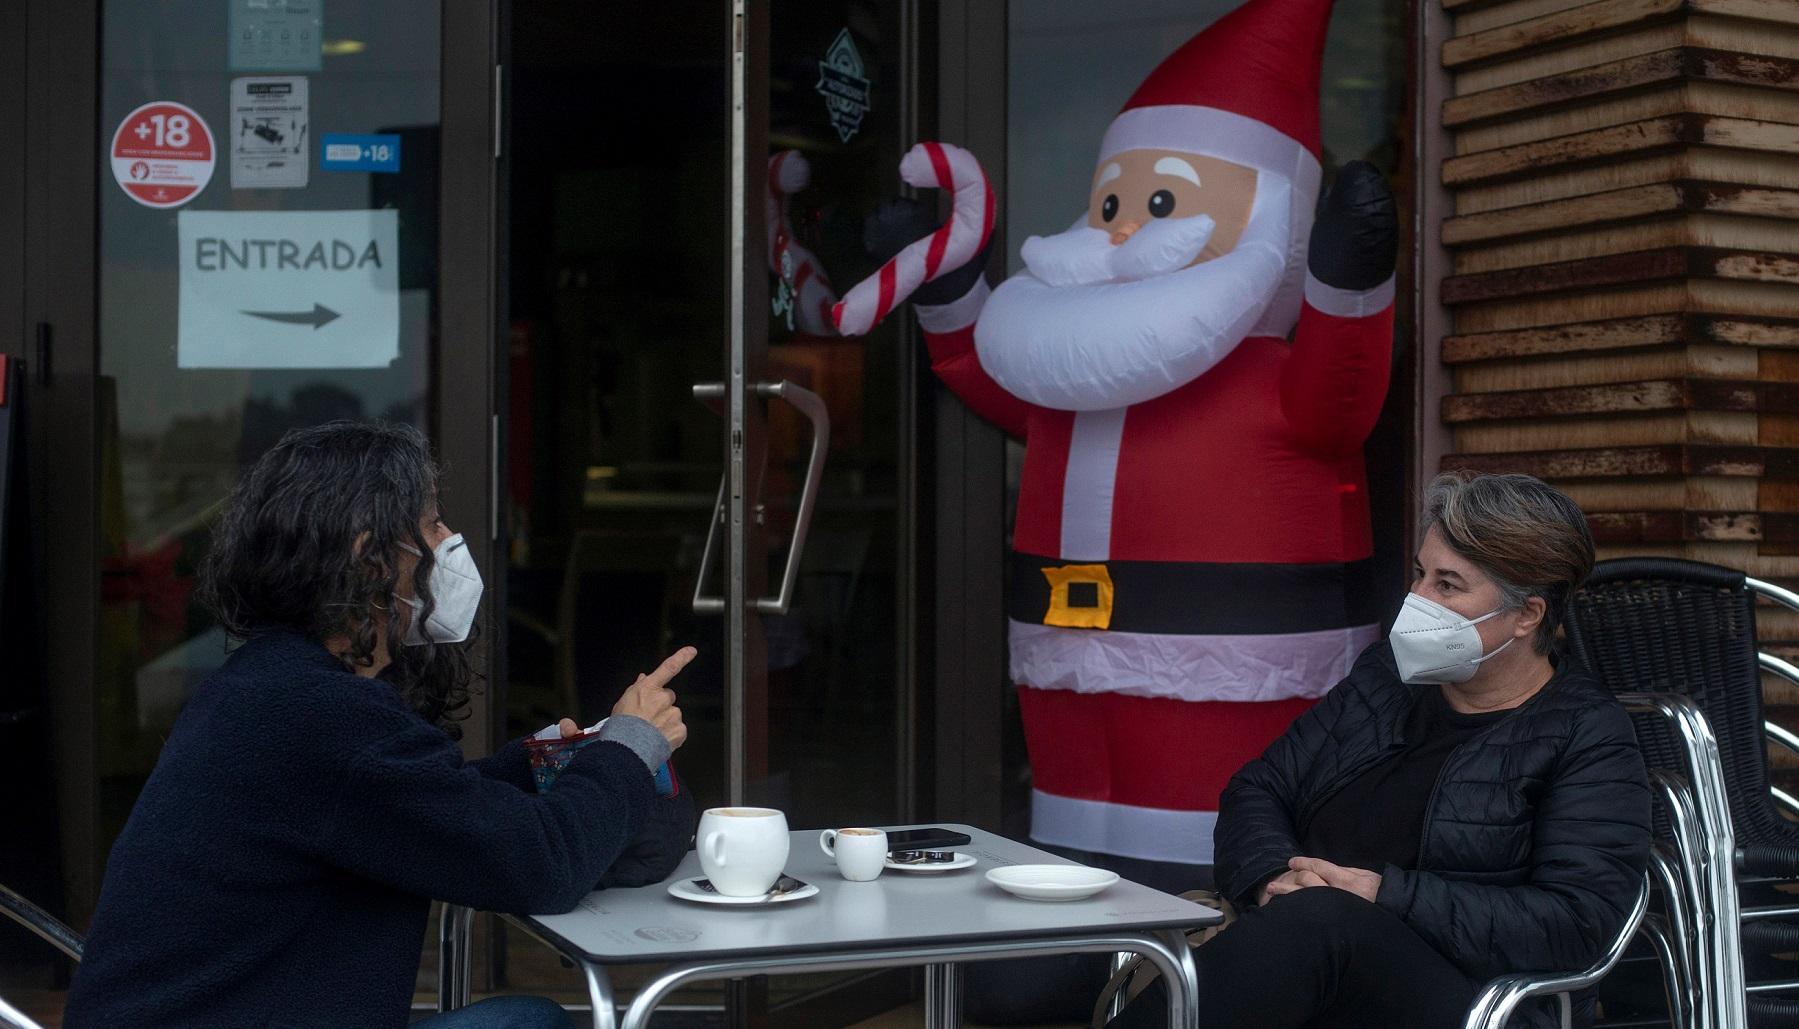 La Xunta endurece medidas debido al repunte de contagios causado tras las vacaciones de Navidad. EFE/Brais Lorenzo